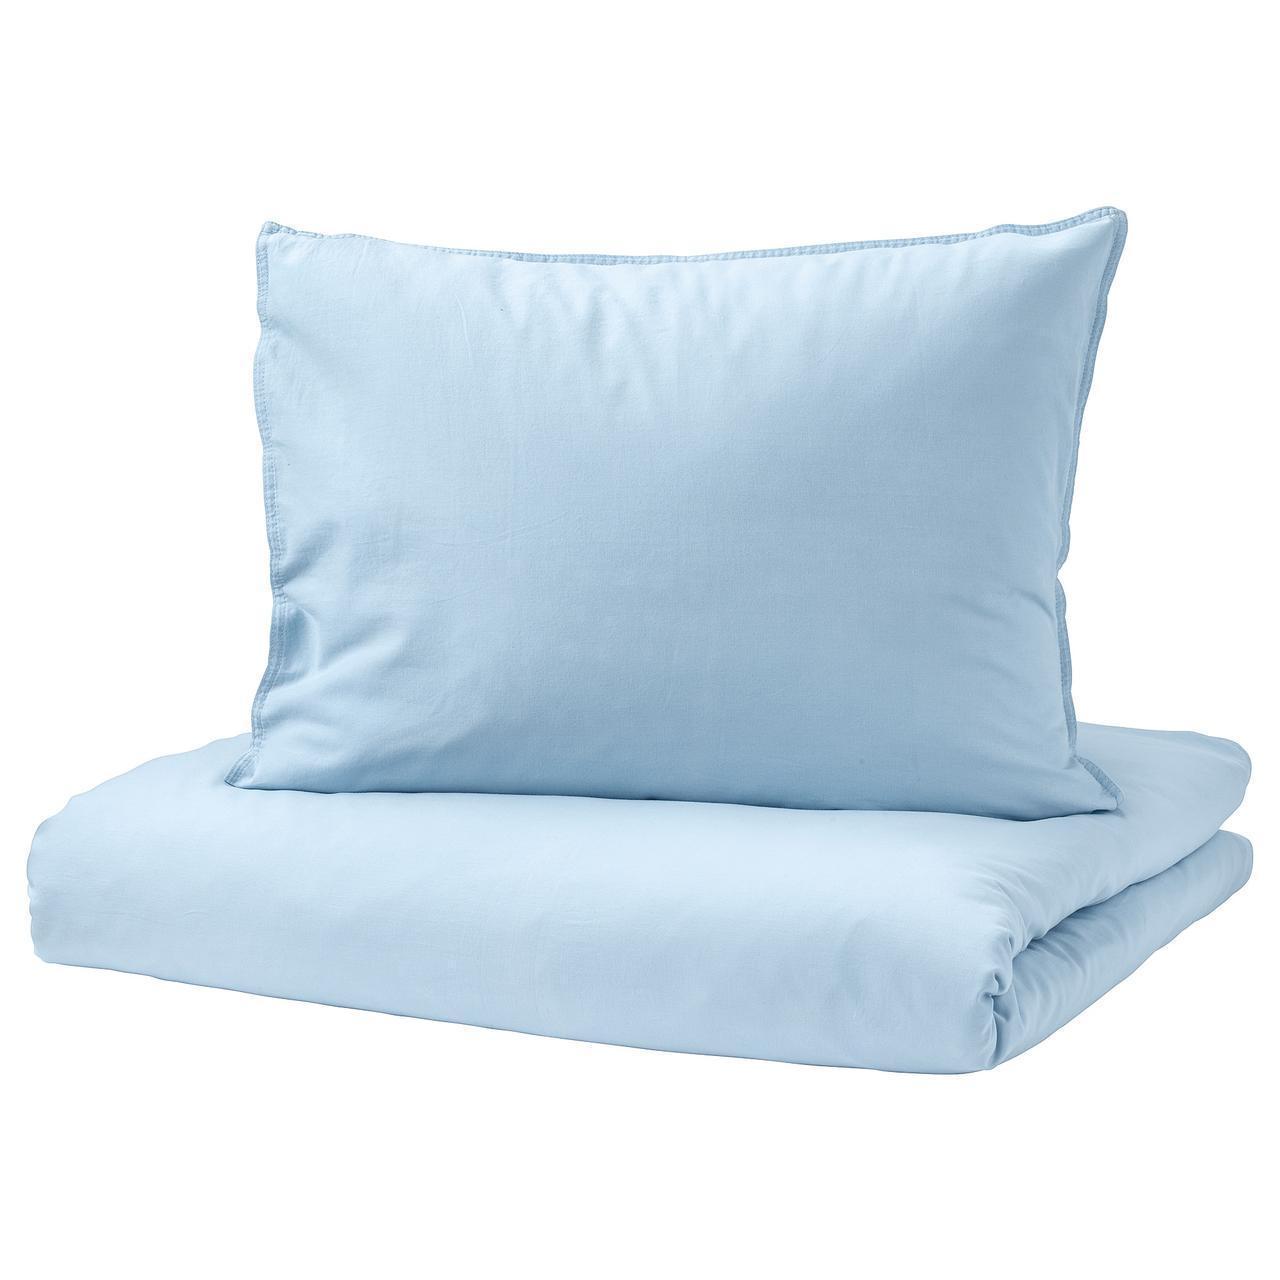 IKEA ANGSLILJA Комплект постельного белья, светло-голубой  (003.186.21)